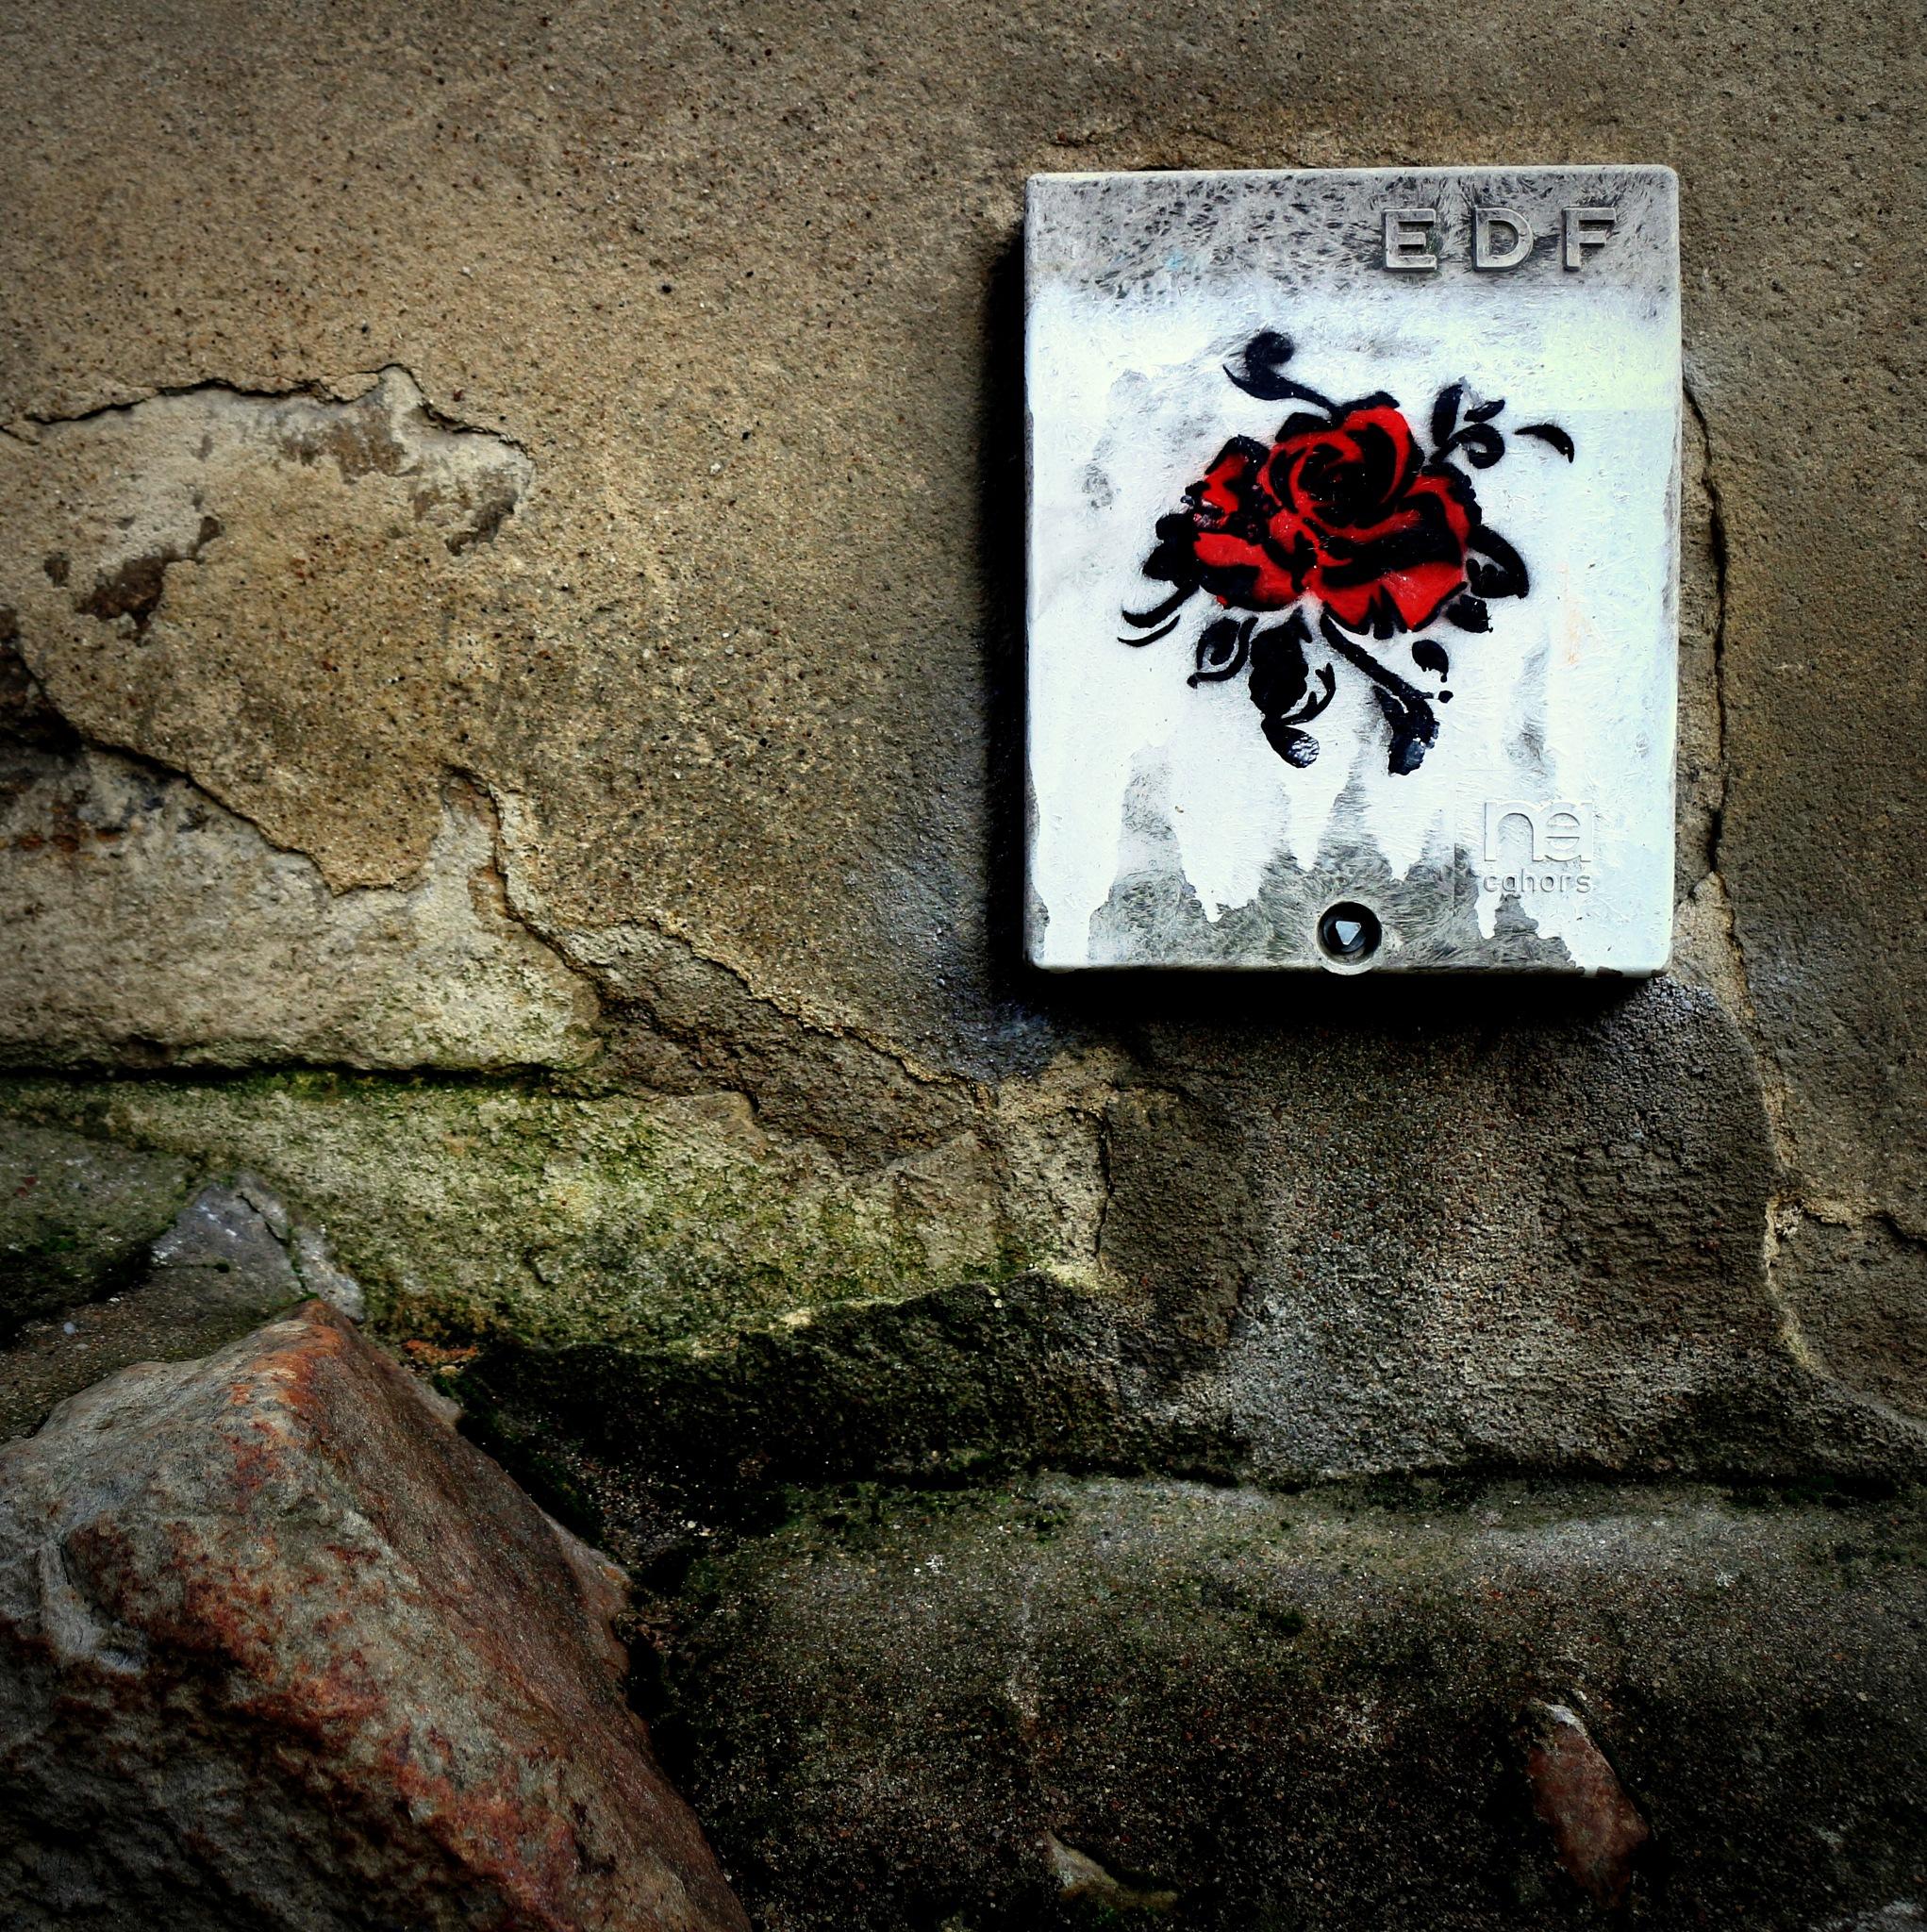 La rose électrique by polken